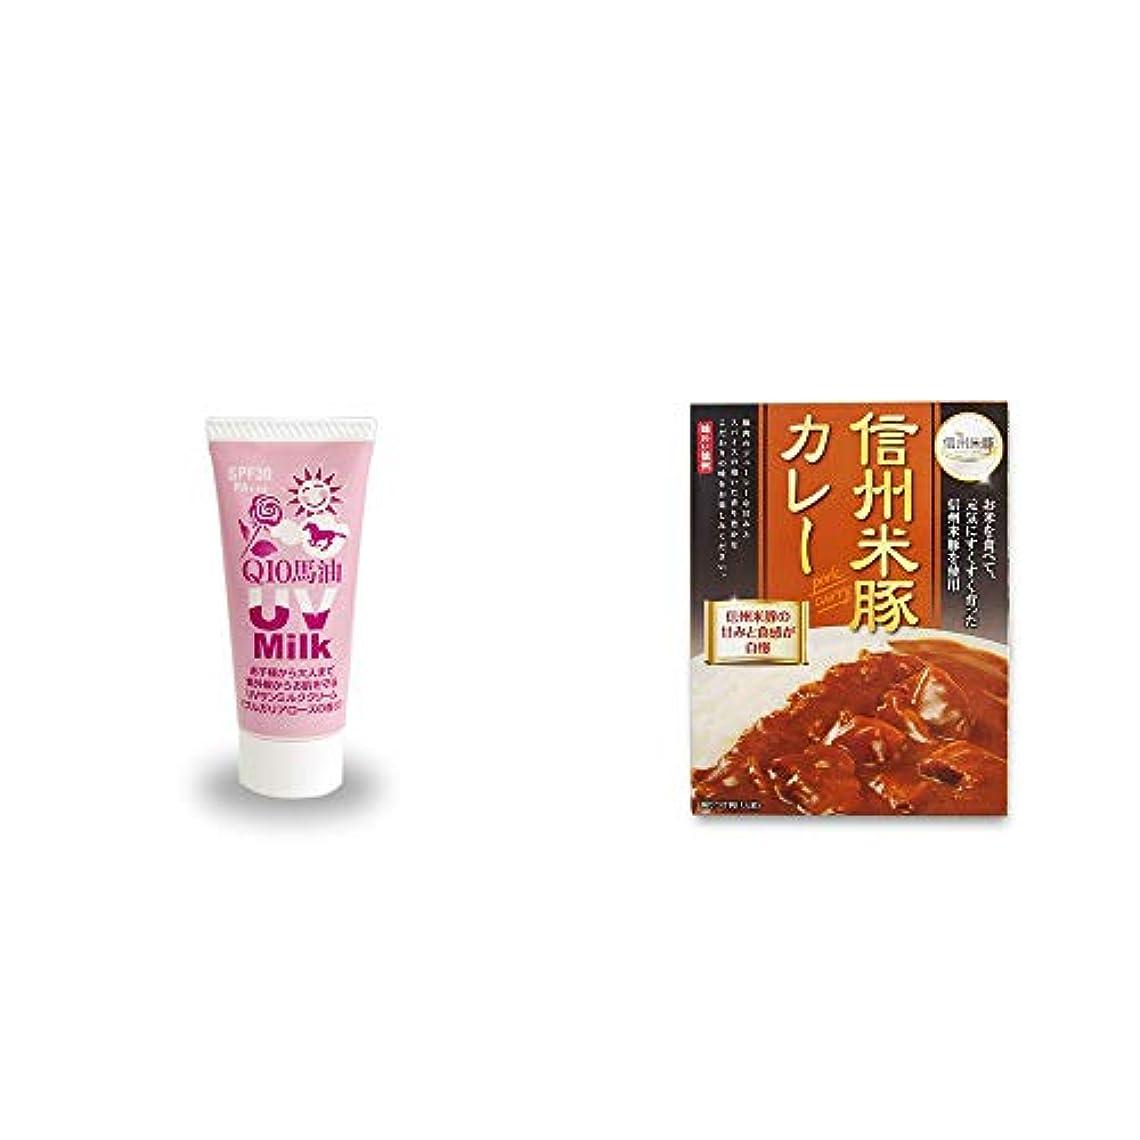 [2点セット] 炭黒泉 Q10馬油 UVサンミルク[ブルガリアローズ](40g)?信州米豚カレー(1食分)